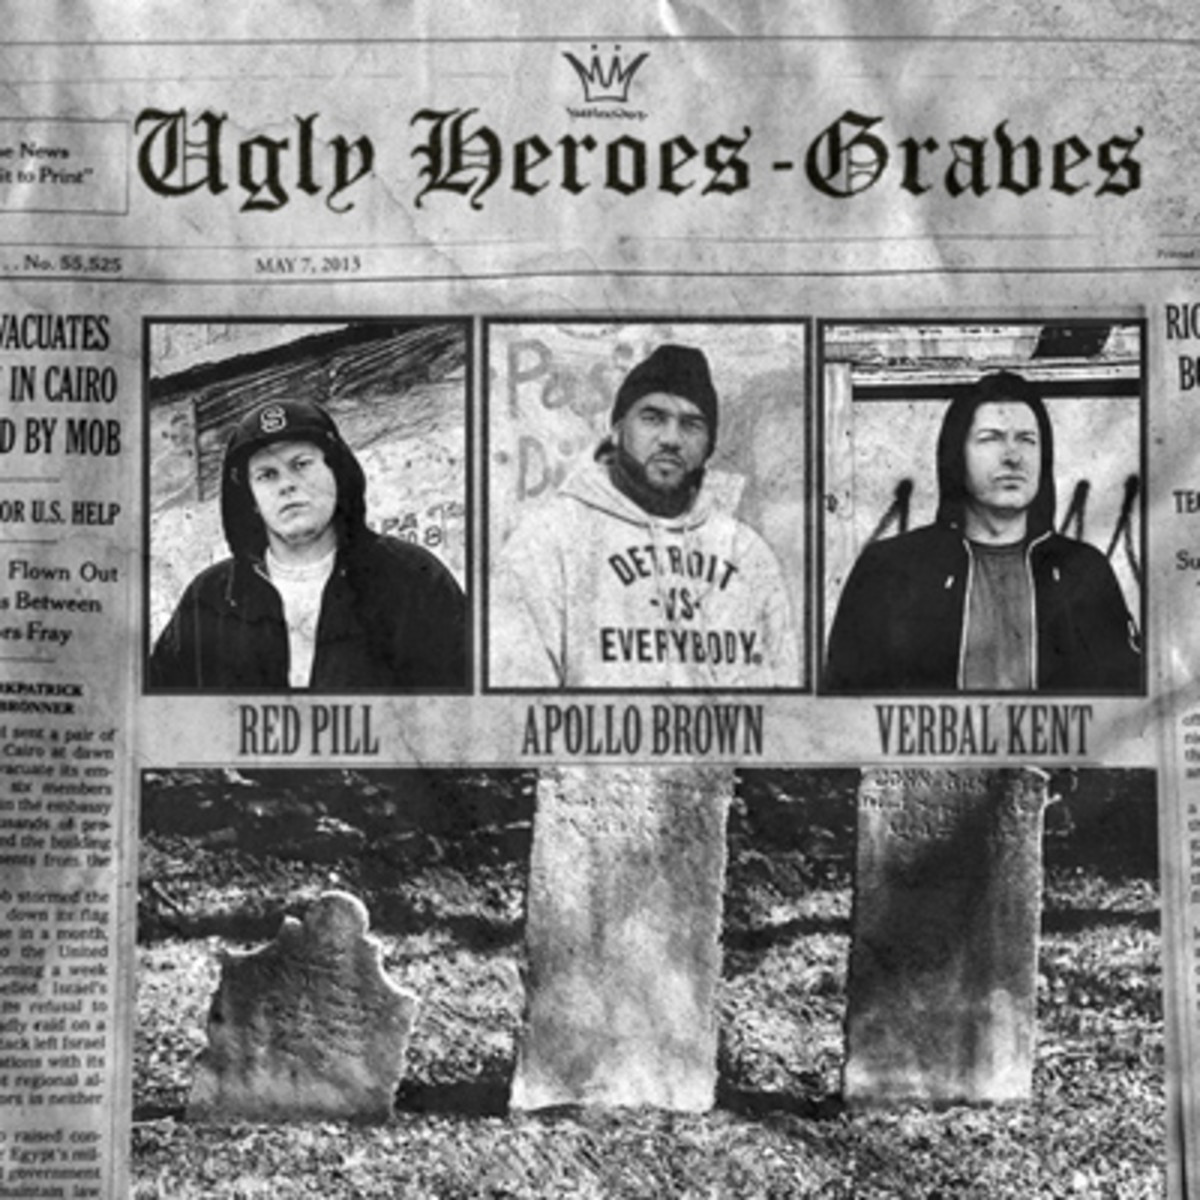 uglyheroes-graves.jpg